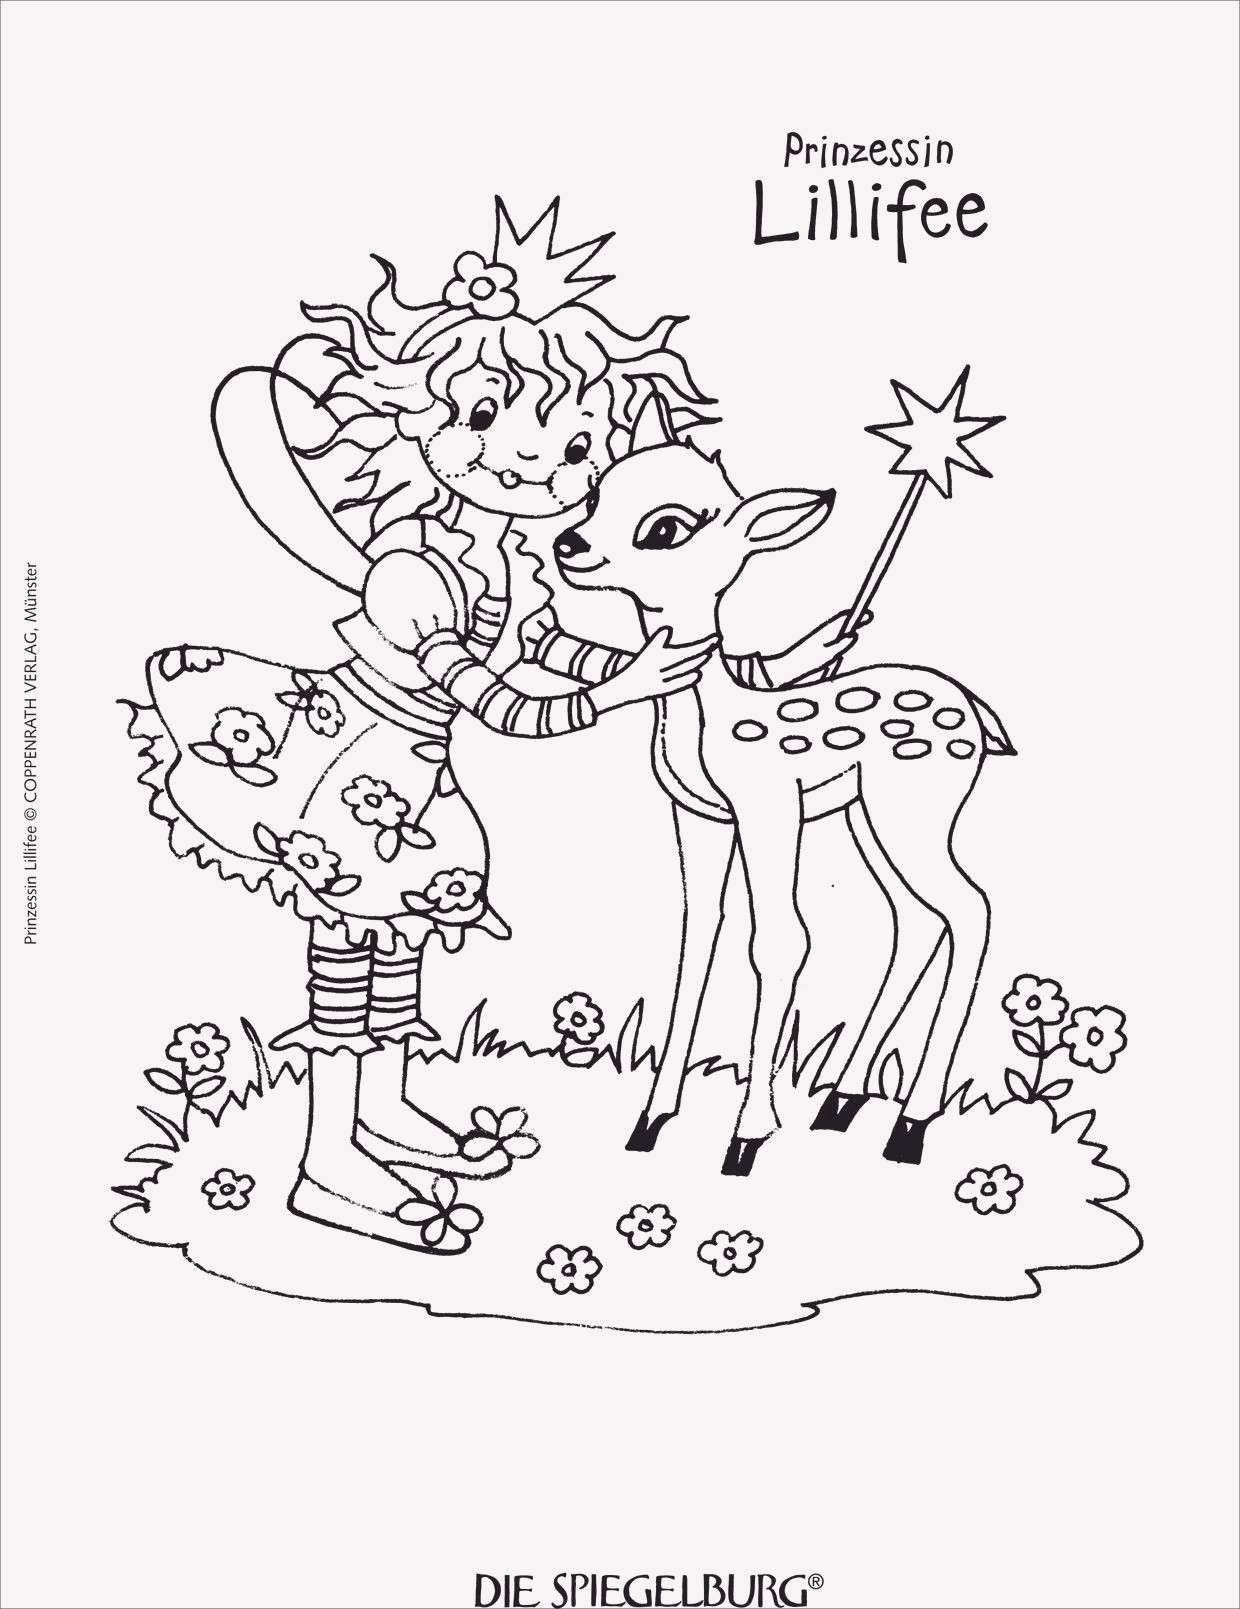 My Little Pony Friendship is Magic Ausmalbilder Frisch 25 Druckbar Ausmalbilder Prinzessin Lillifee Kleine Einhorn Sammlung